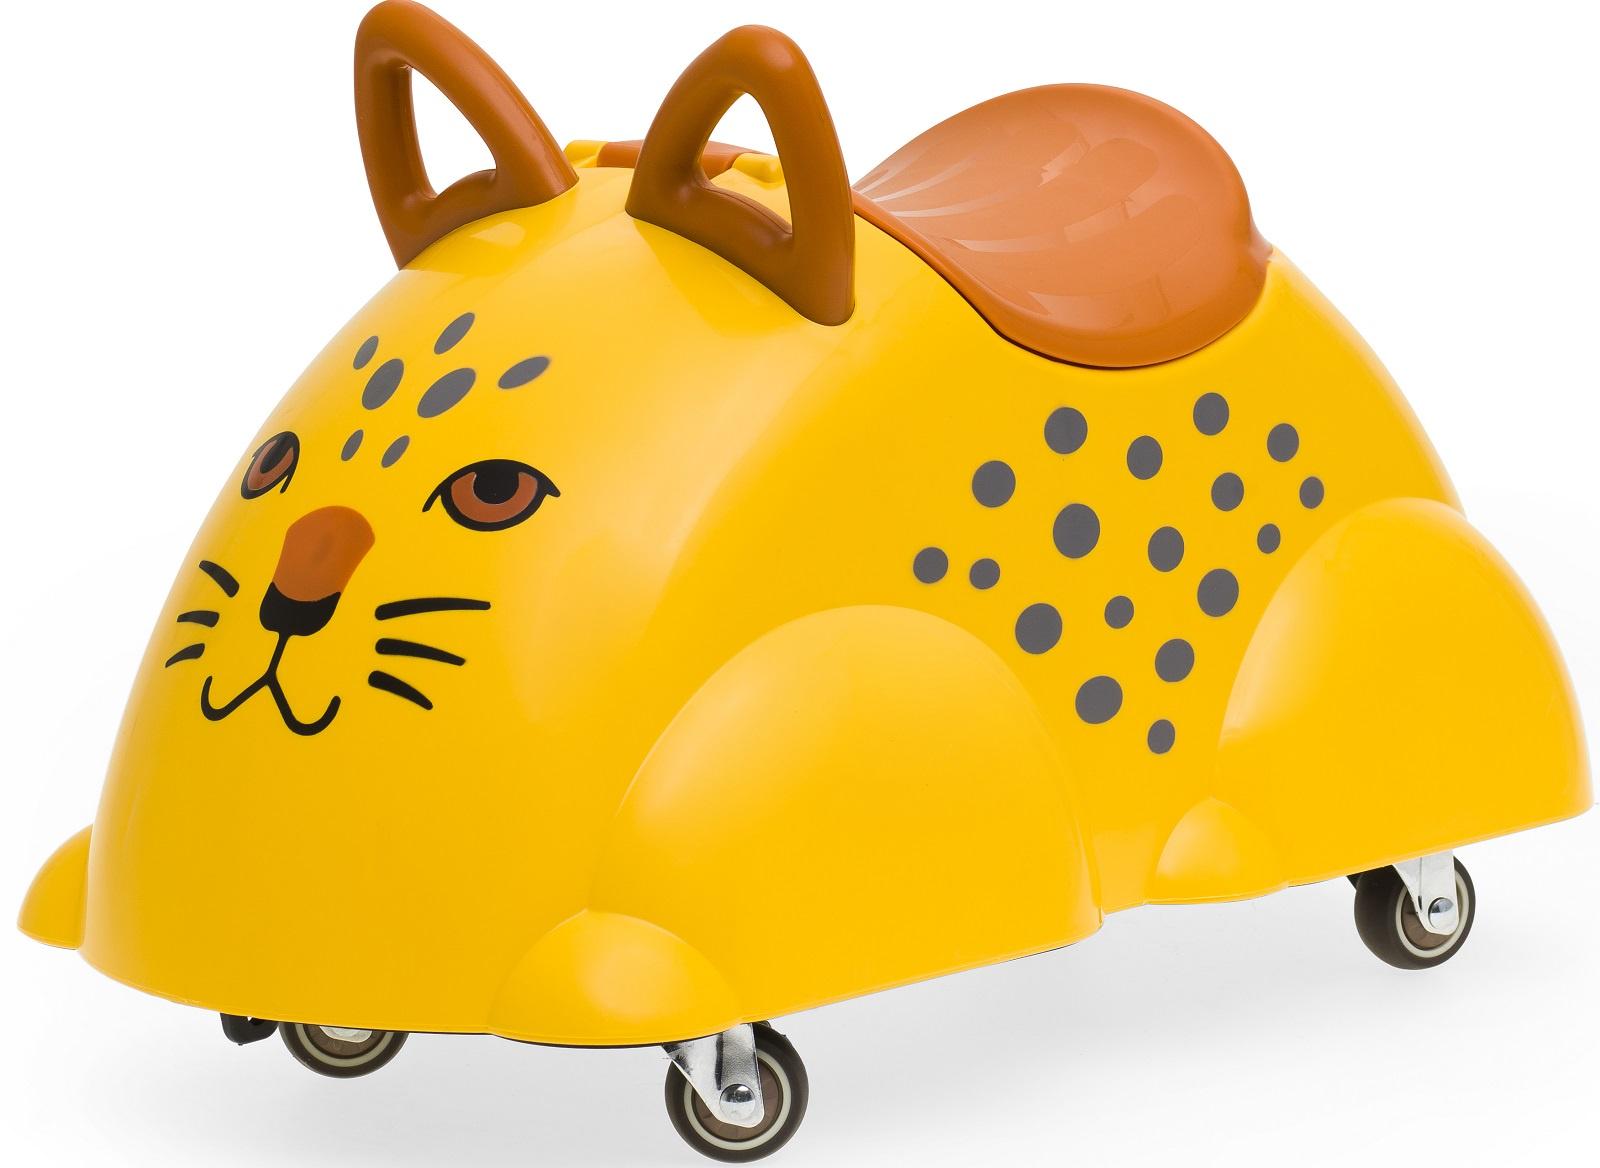 Каталка Vikingtoys 00374043 viking toys игрушка каталка леопард